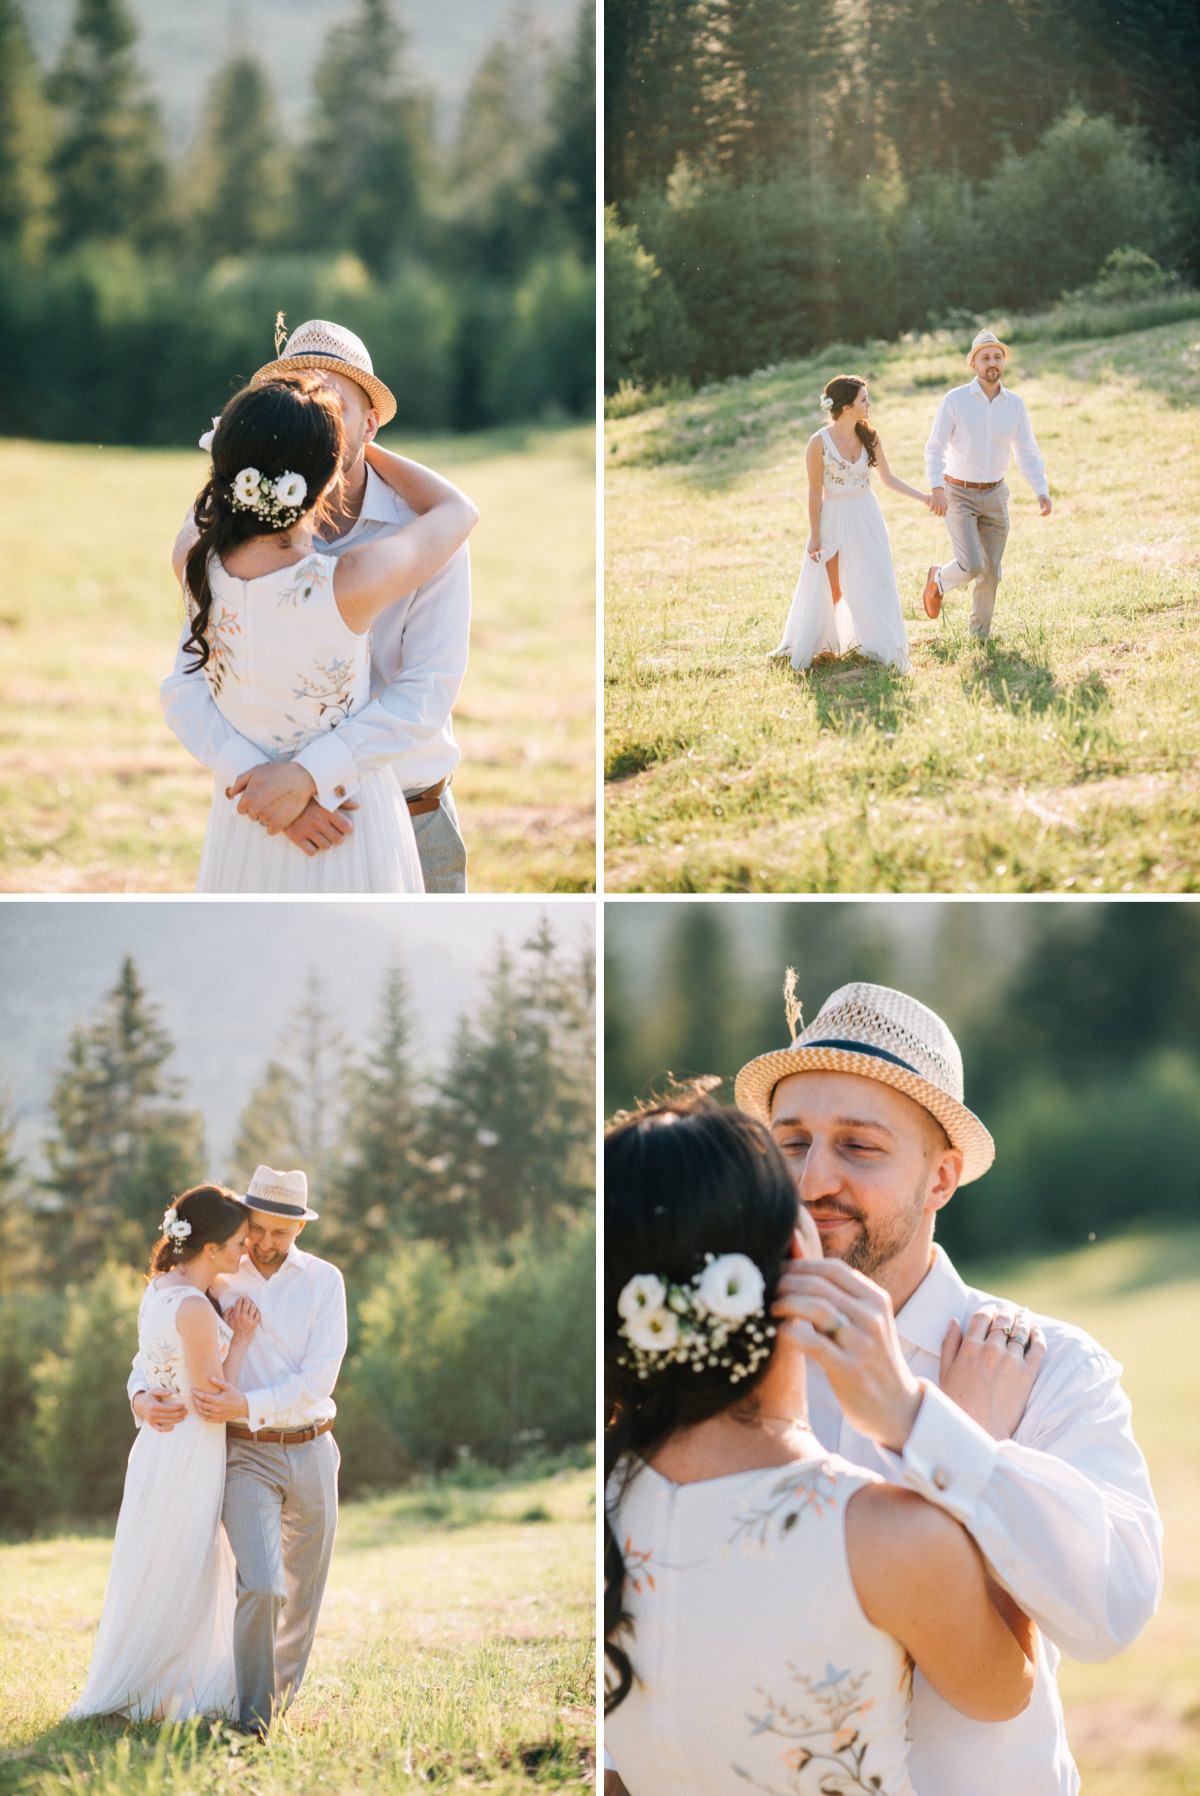 rustykalny ślub w górach, mini sesja w dniu ślubu